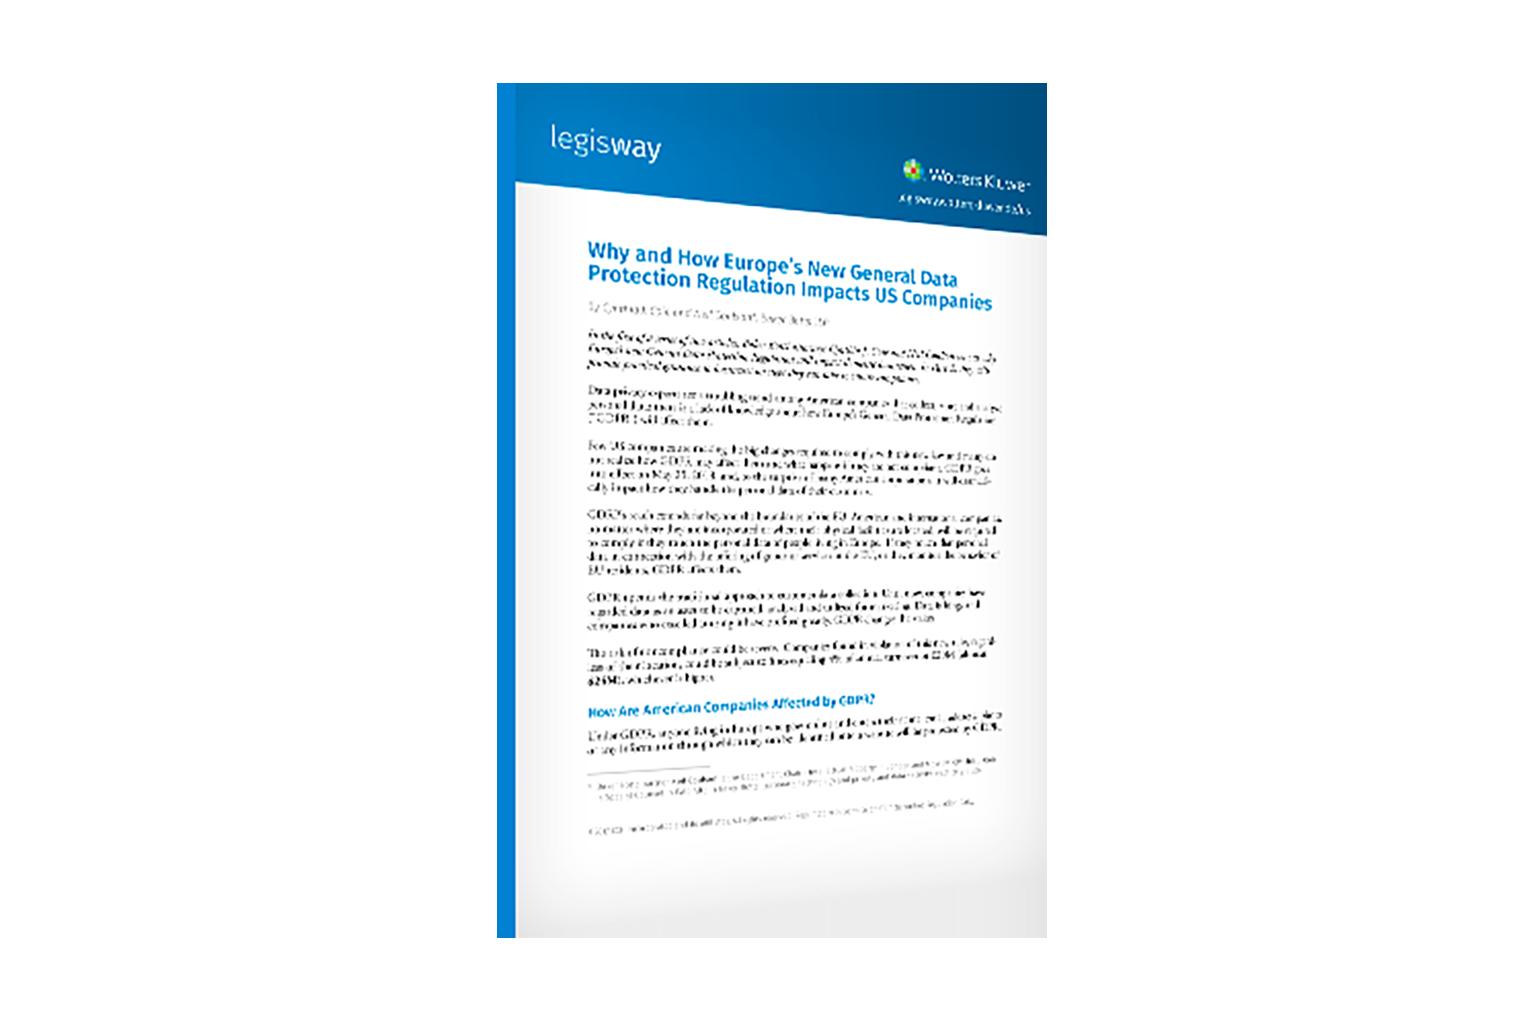 Legisway-GDPR-Impacts-US-Companies-Whitepaper-EN-1536x1024